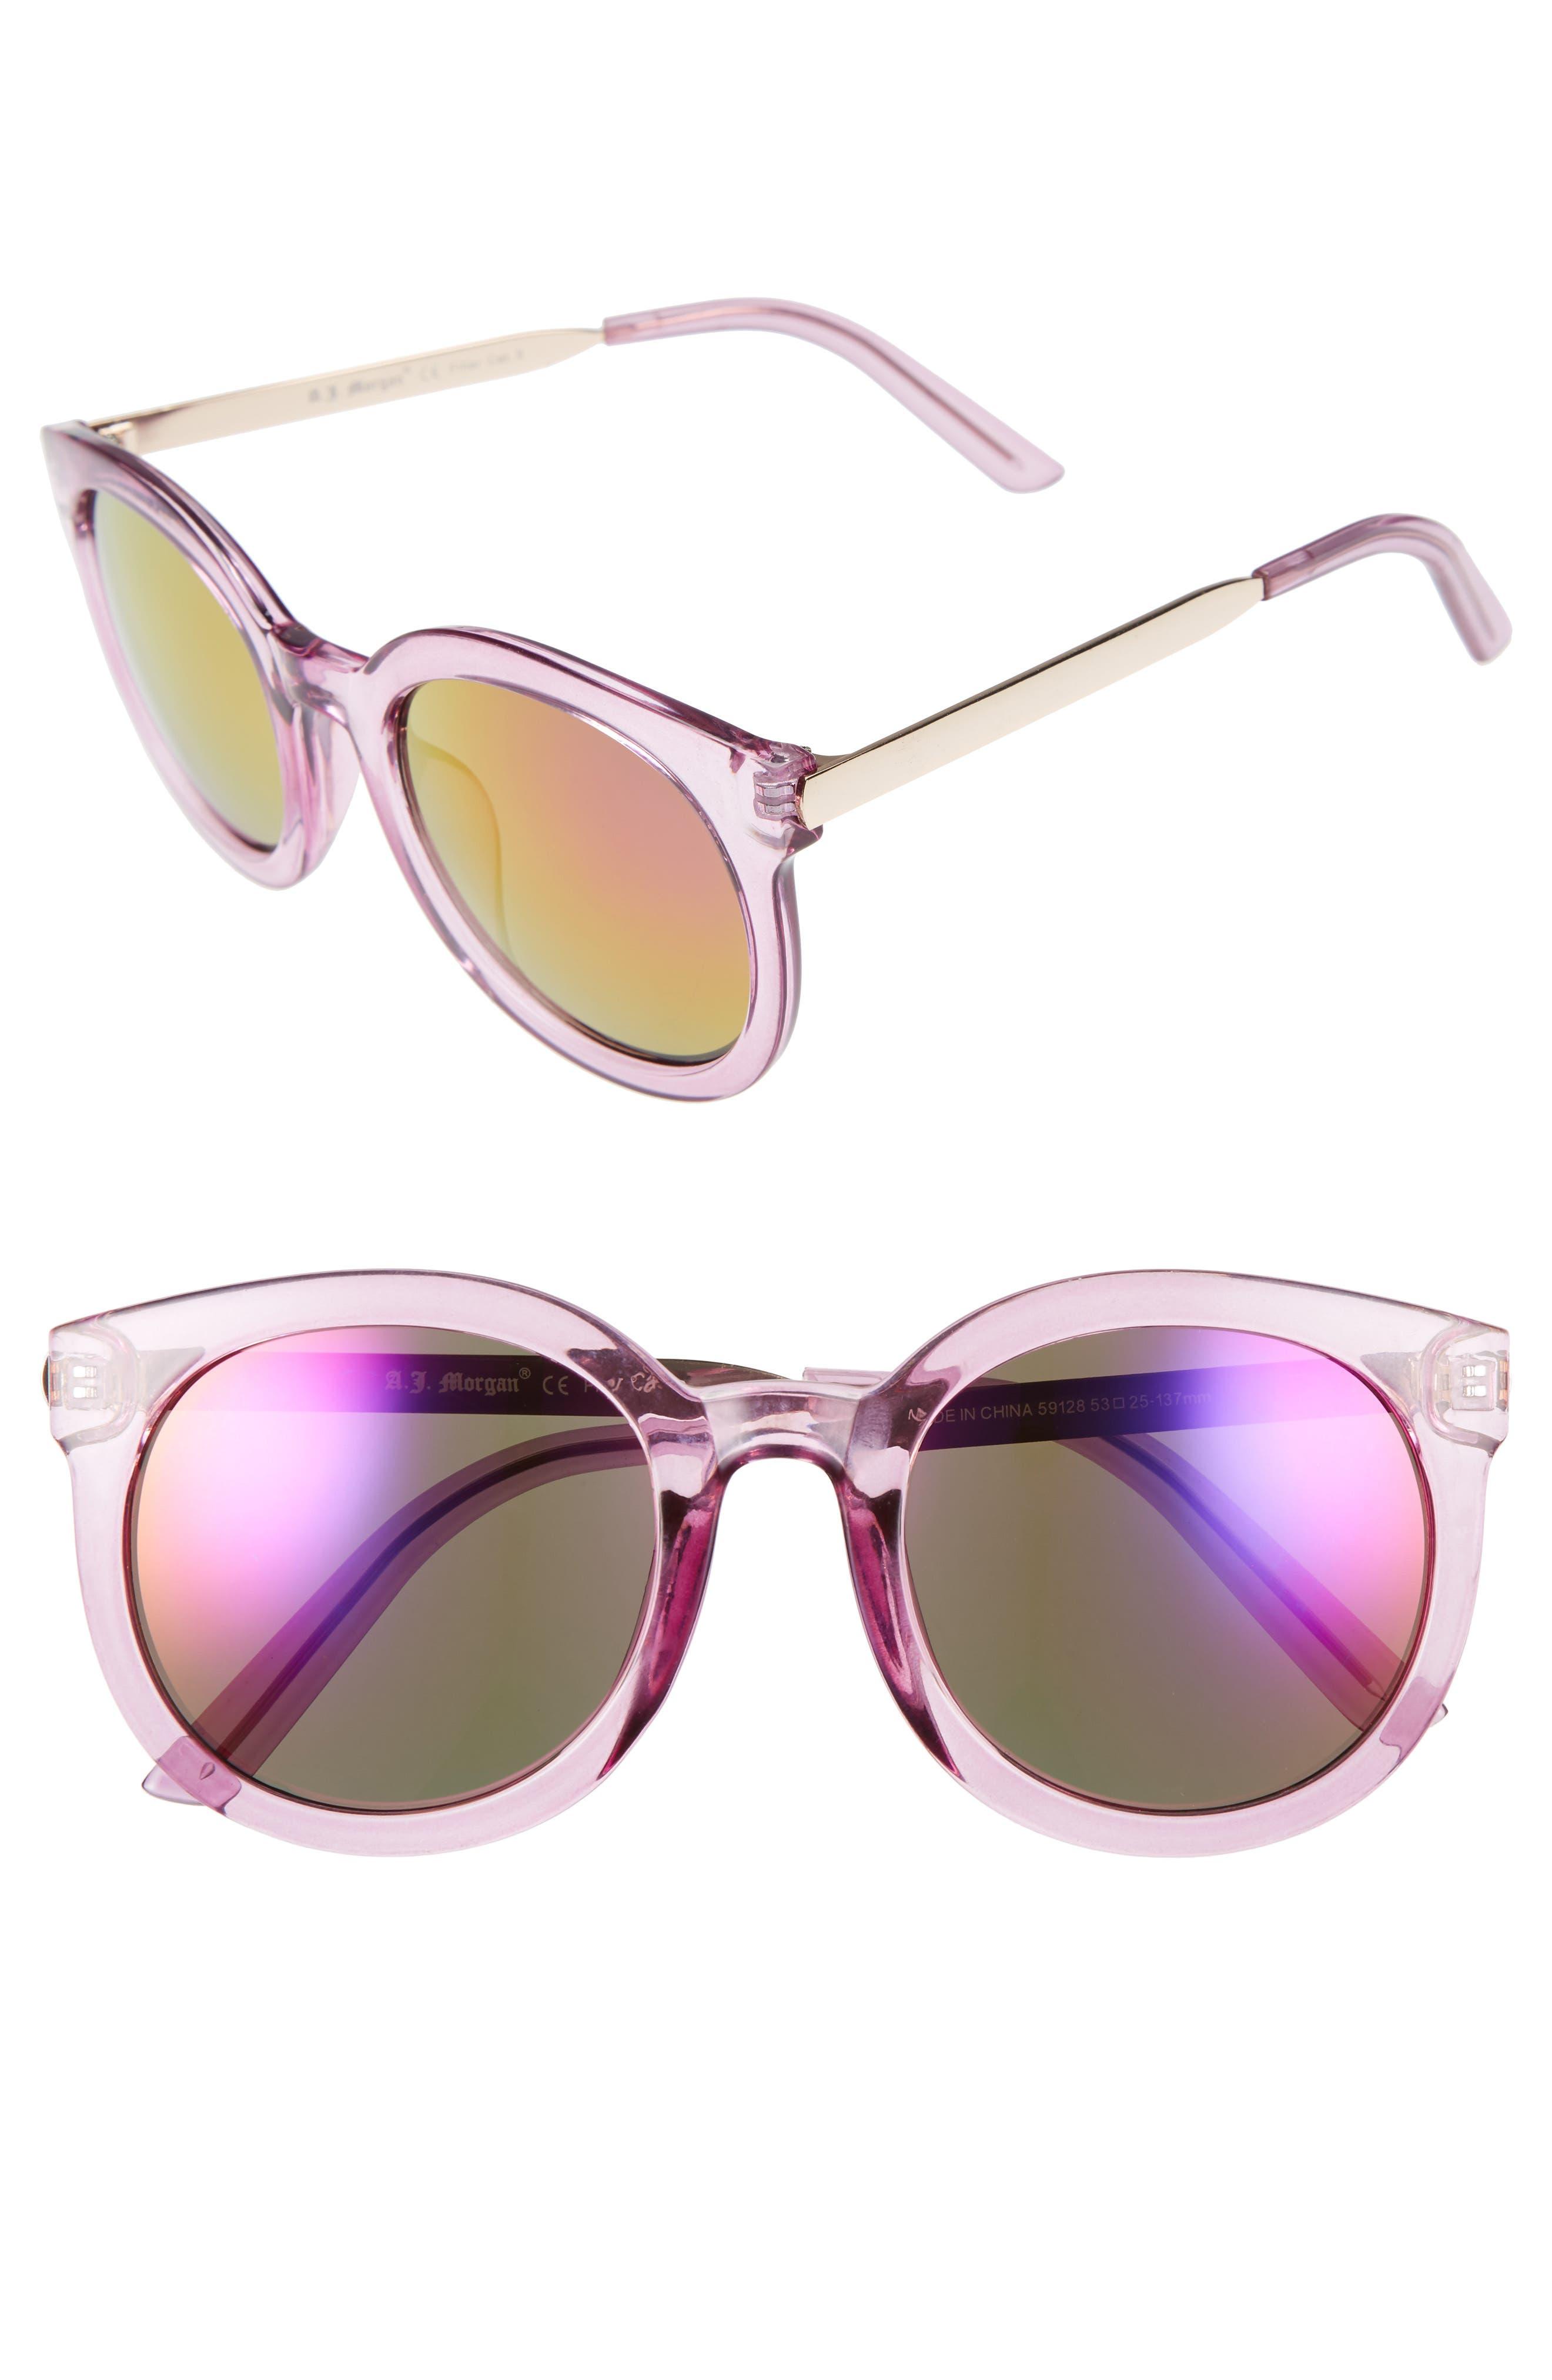 A.J. MORGAN Cat D 53mm Sunglasses